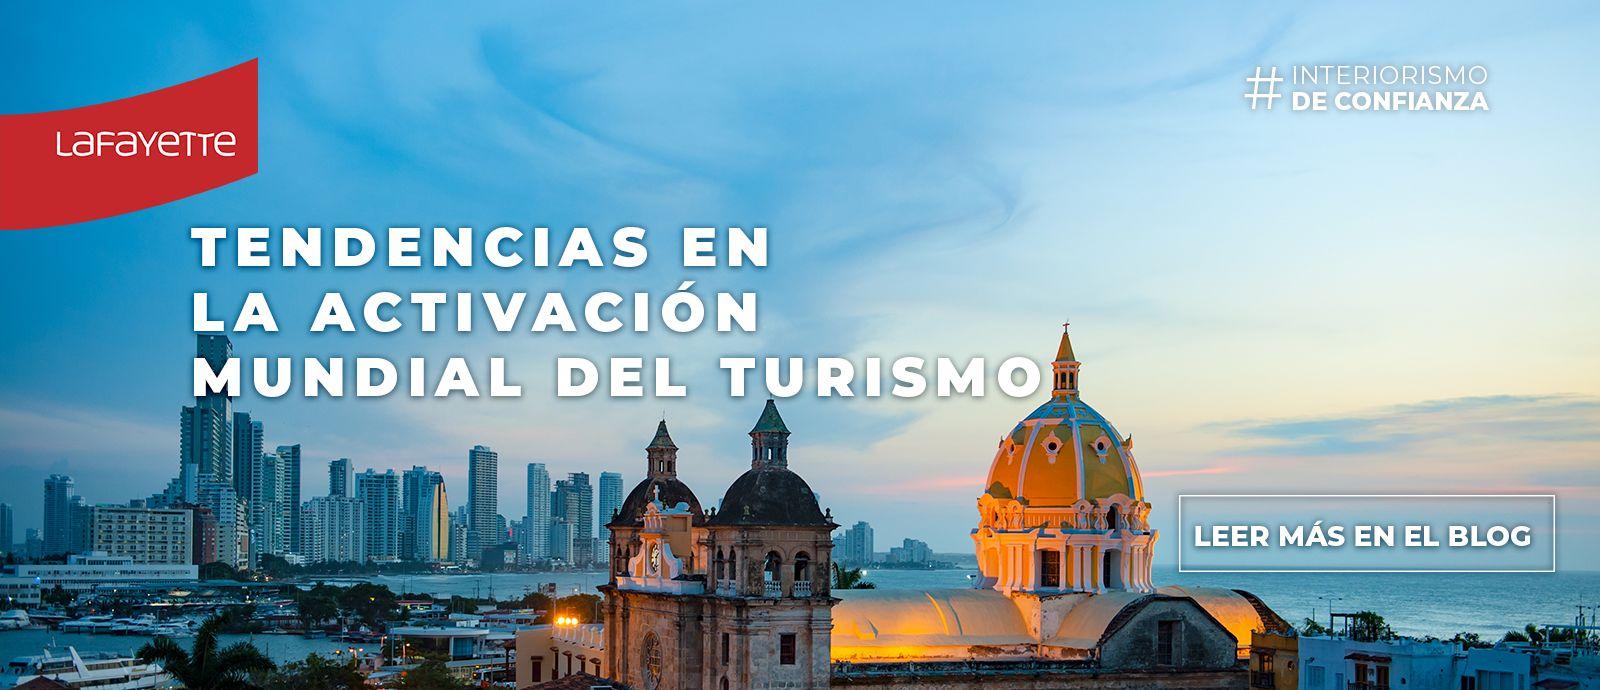 Tendencias-activación-mundial-turismo